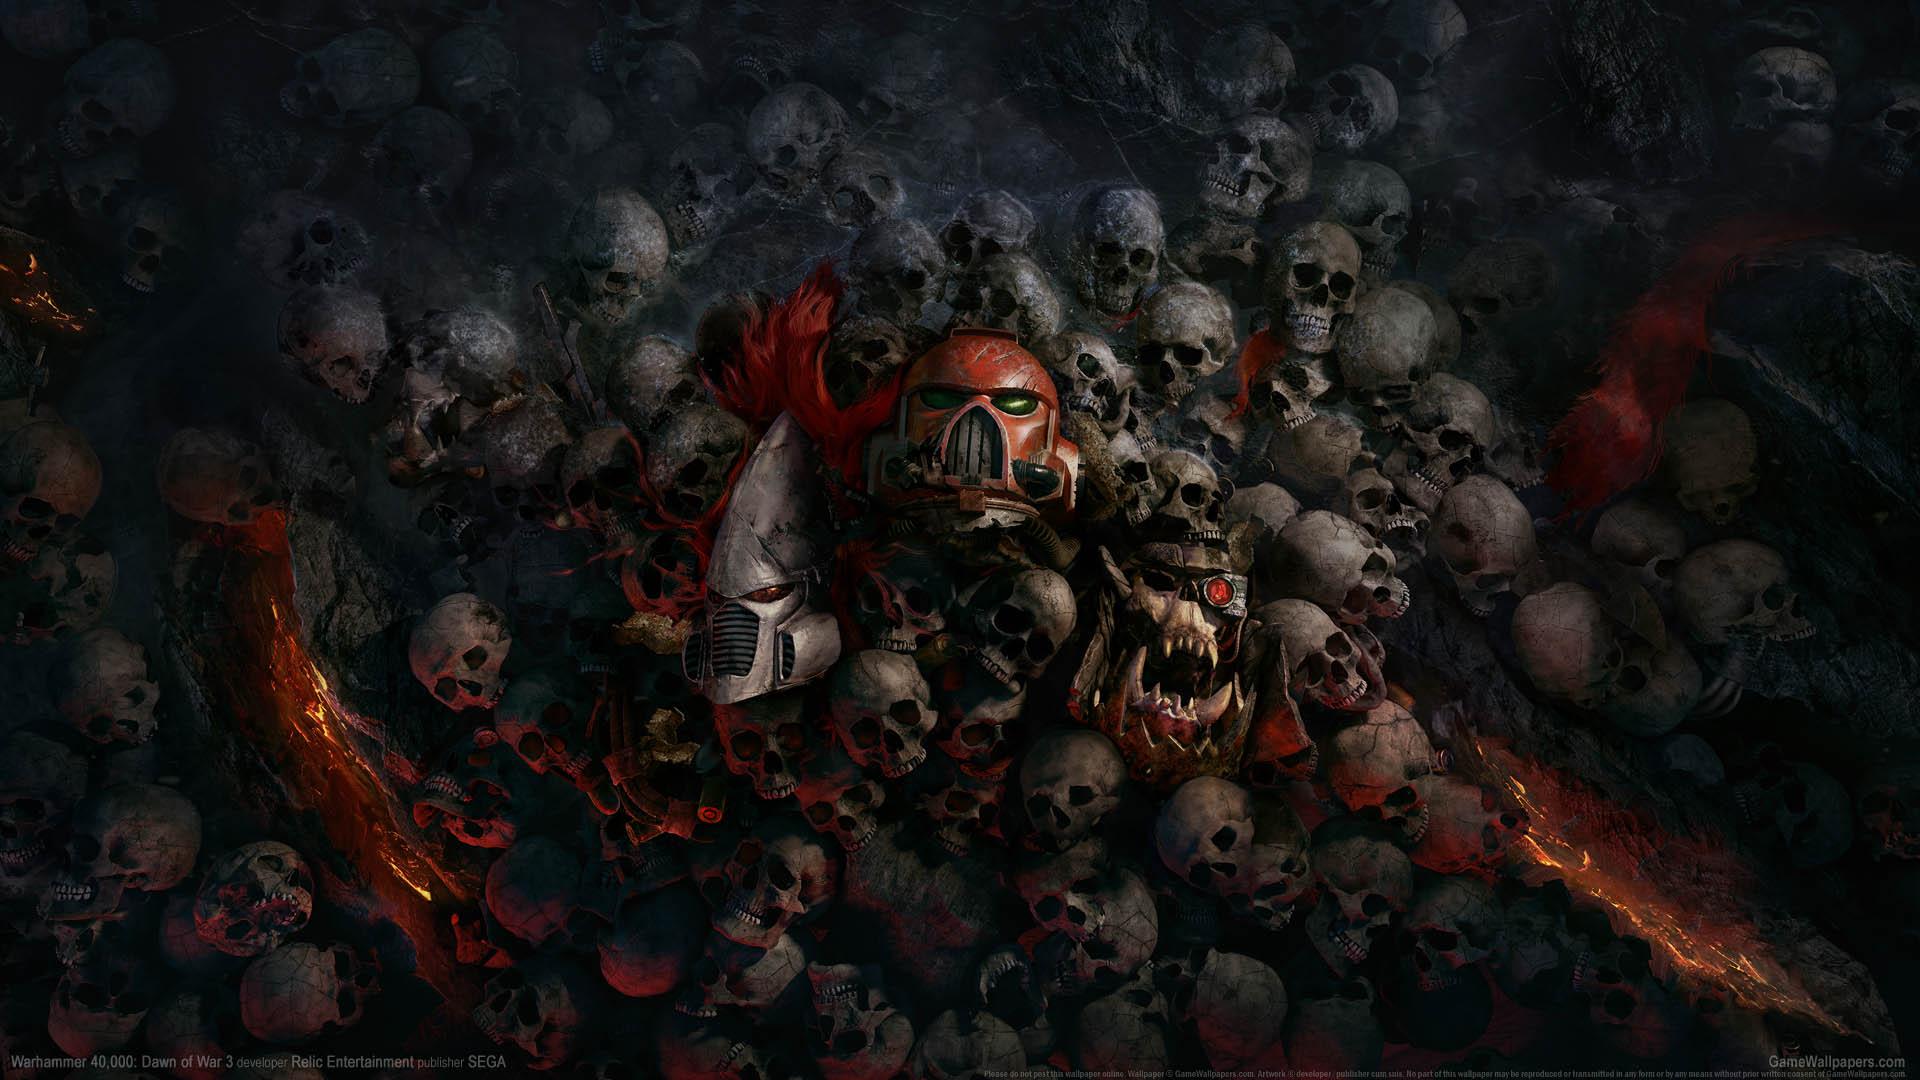 Warhammer 40,000: Dawn of War 3 Hintergrundbild 01 1920x1080